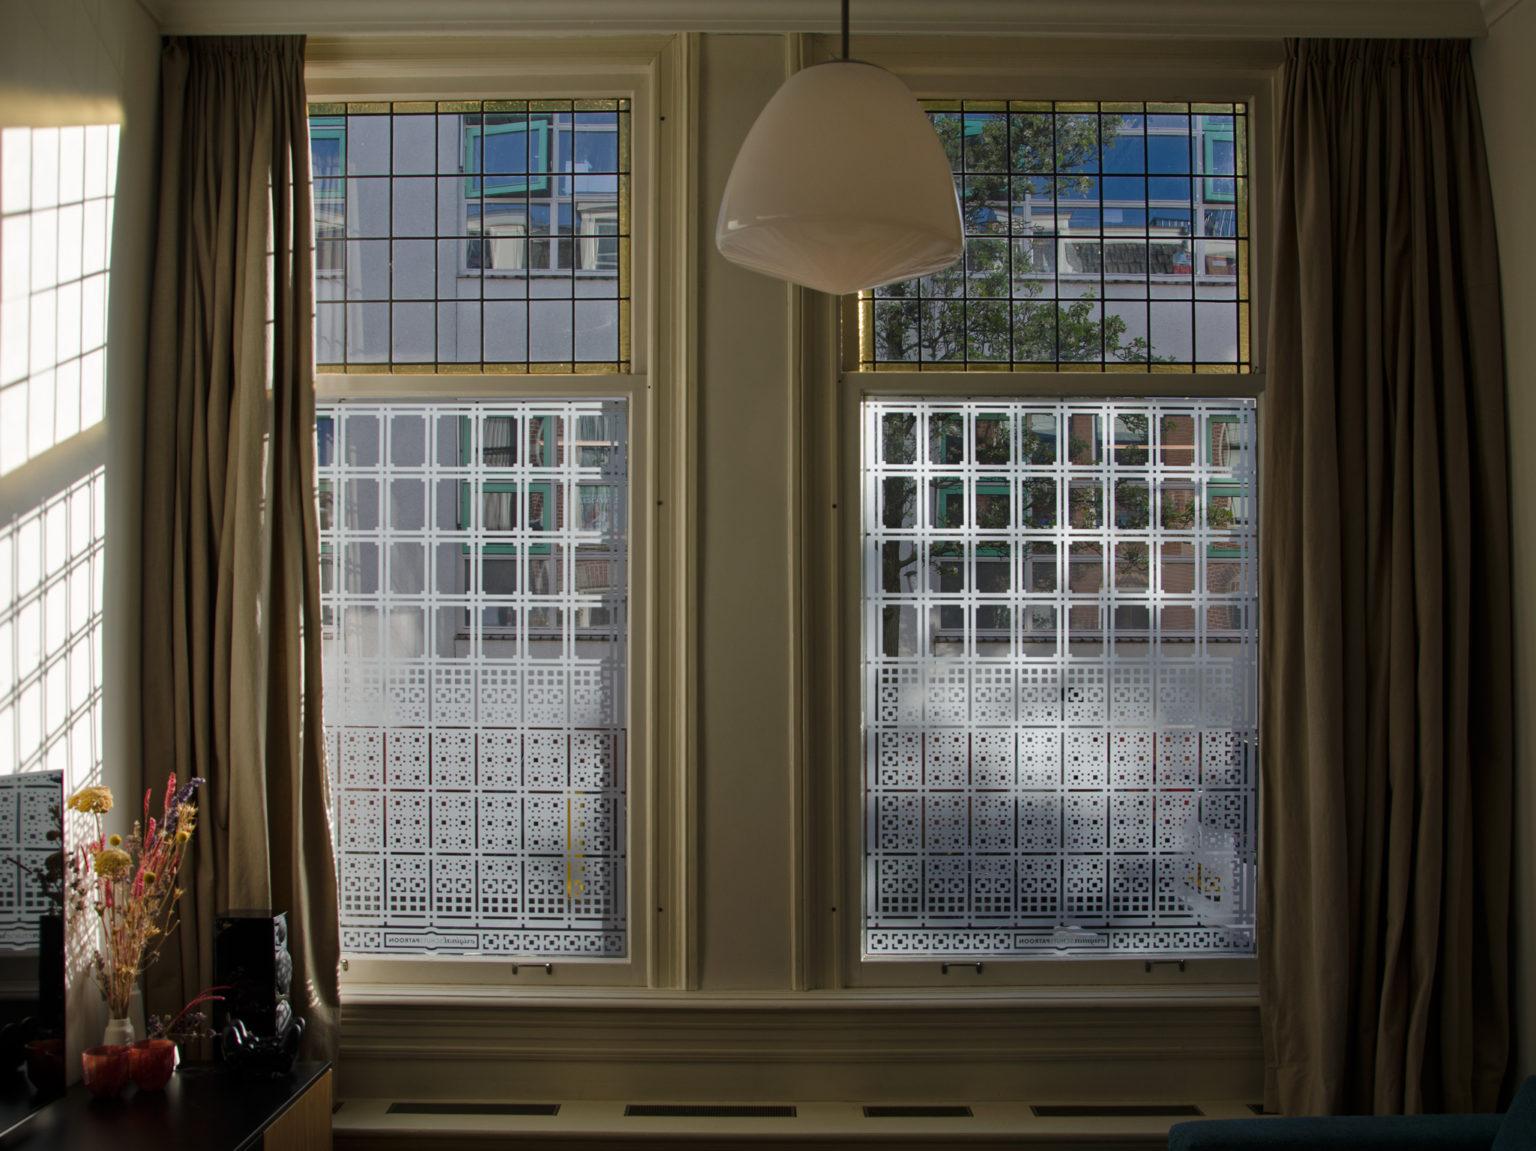 op maat ontworpen raamfolie patroon / schutspatroon voor woonkamer van binnen gezien 1